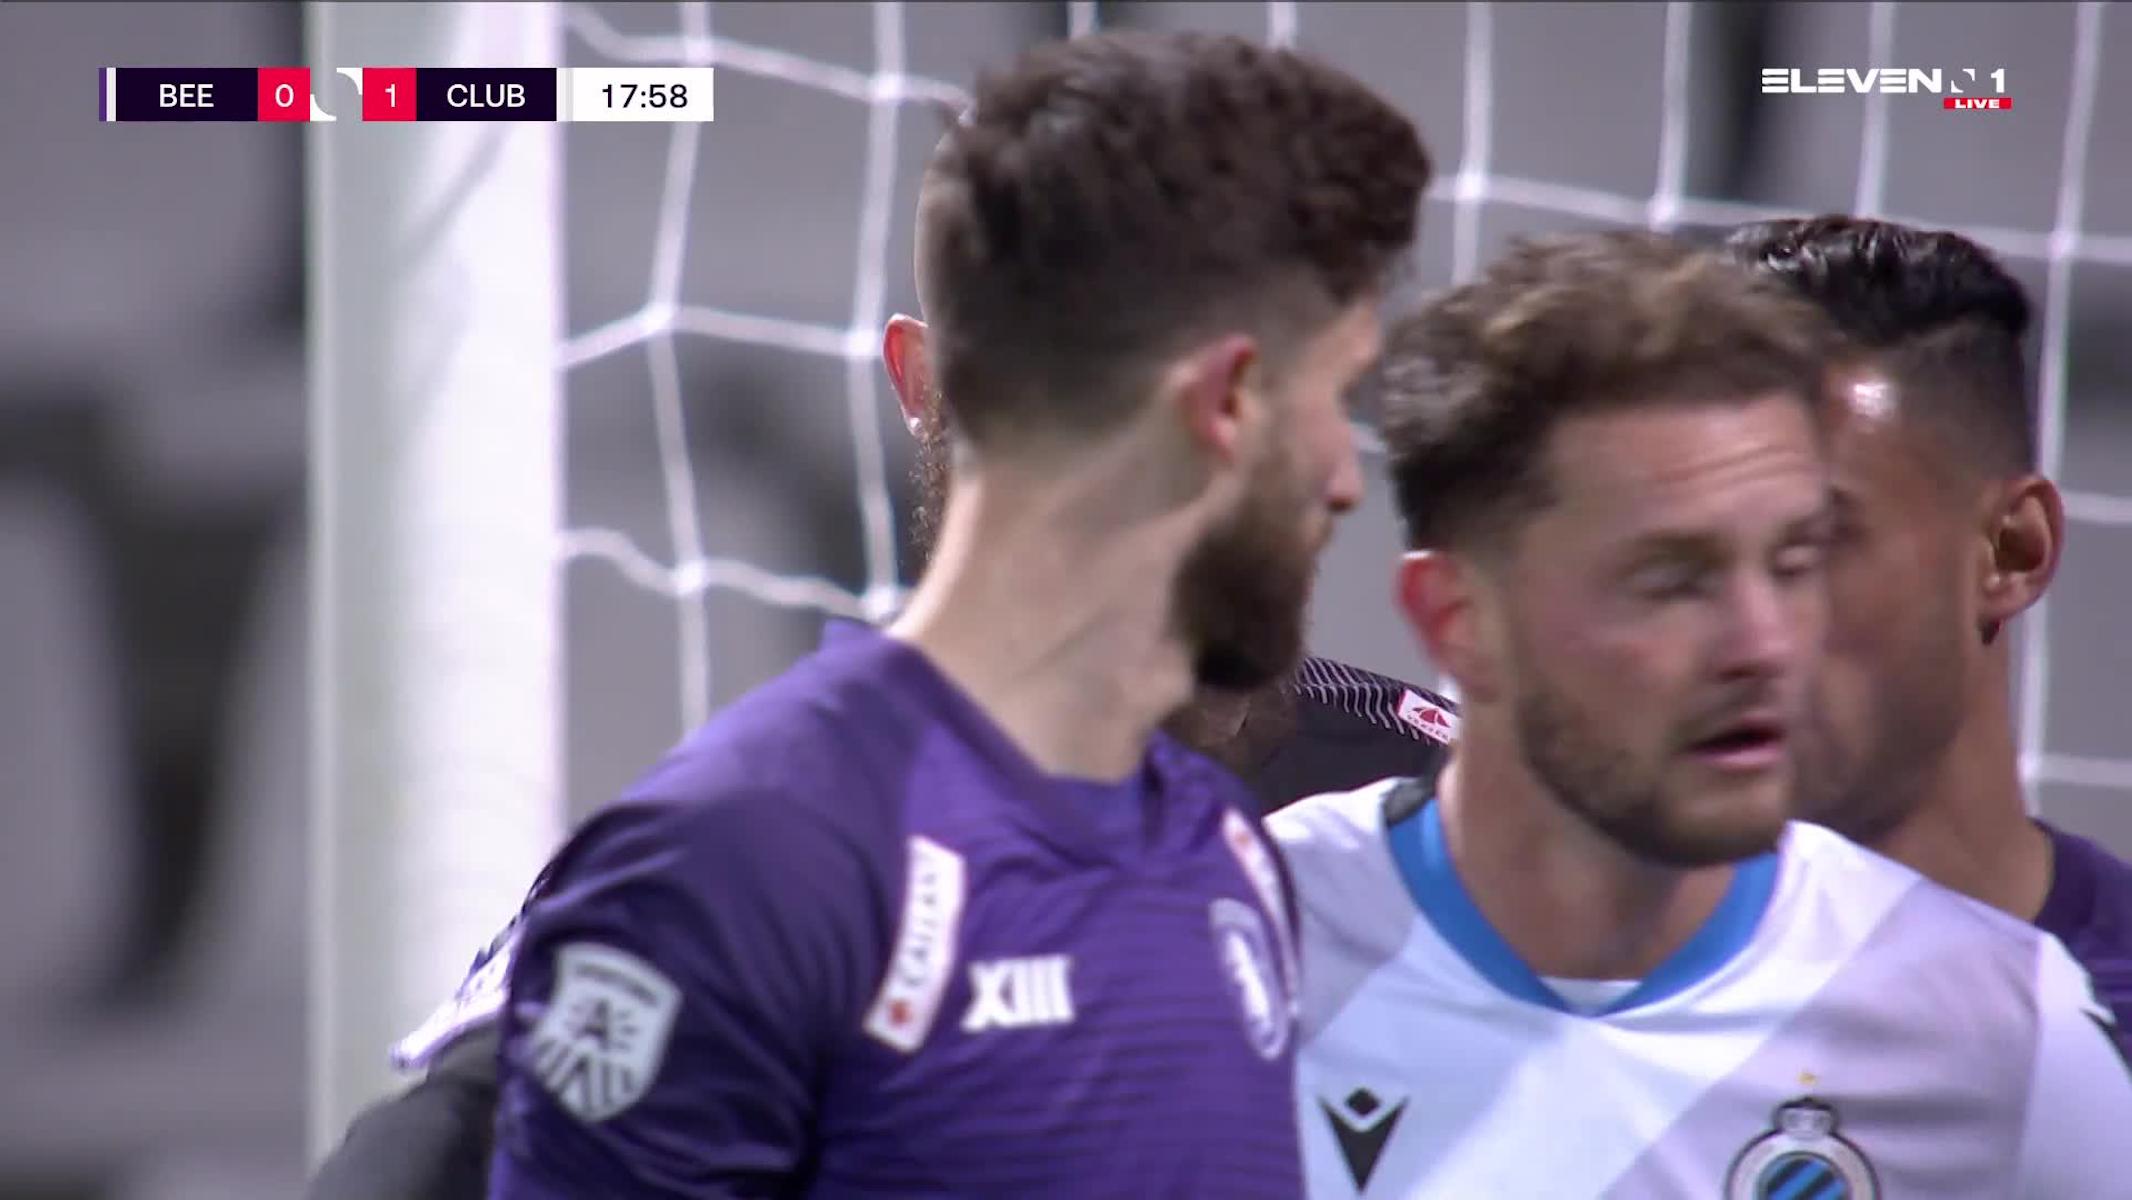 Doelpunt Odilon Kossounou (K. Beerschot V.A. vs. Club Brugge)